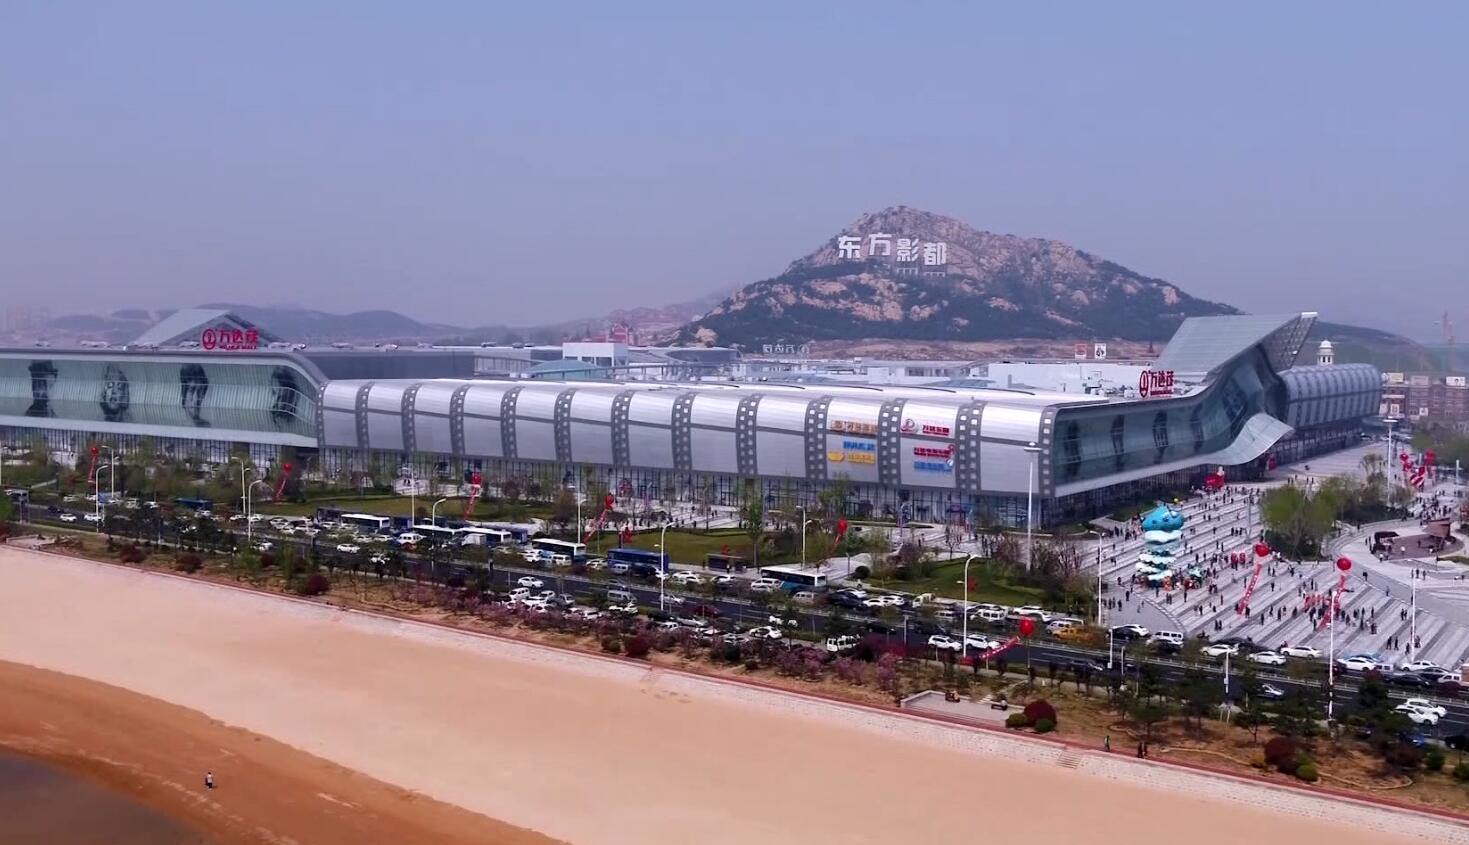 品牌山东丨探秘《流浪地球》拍摄地 用实力打造东方影都品牌